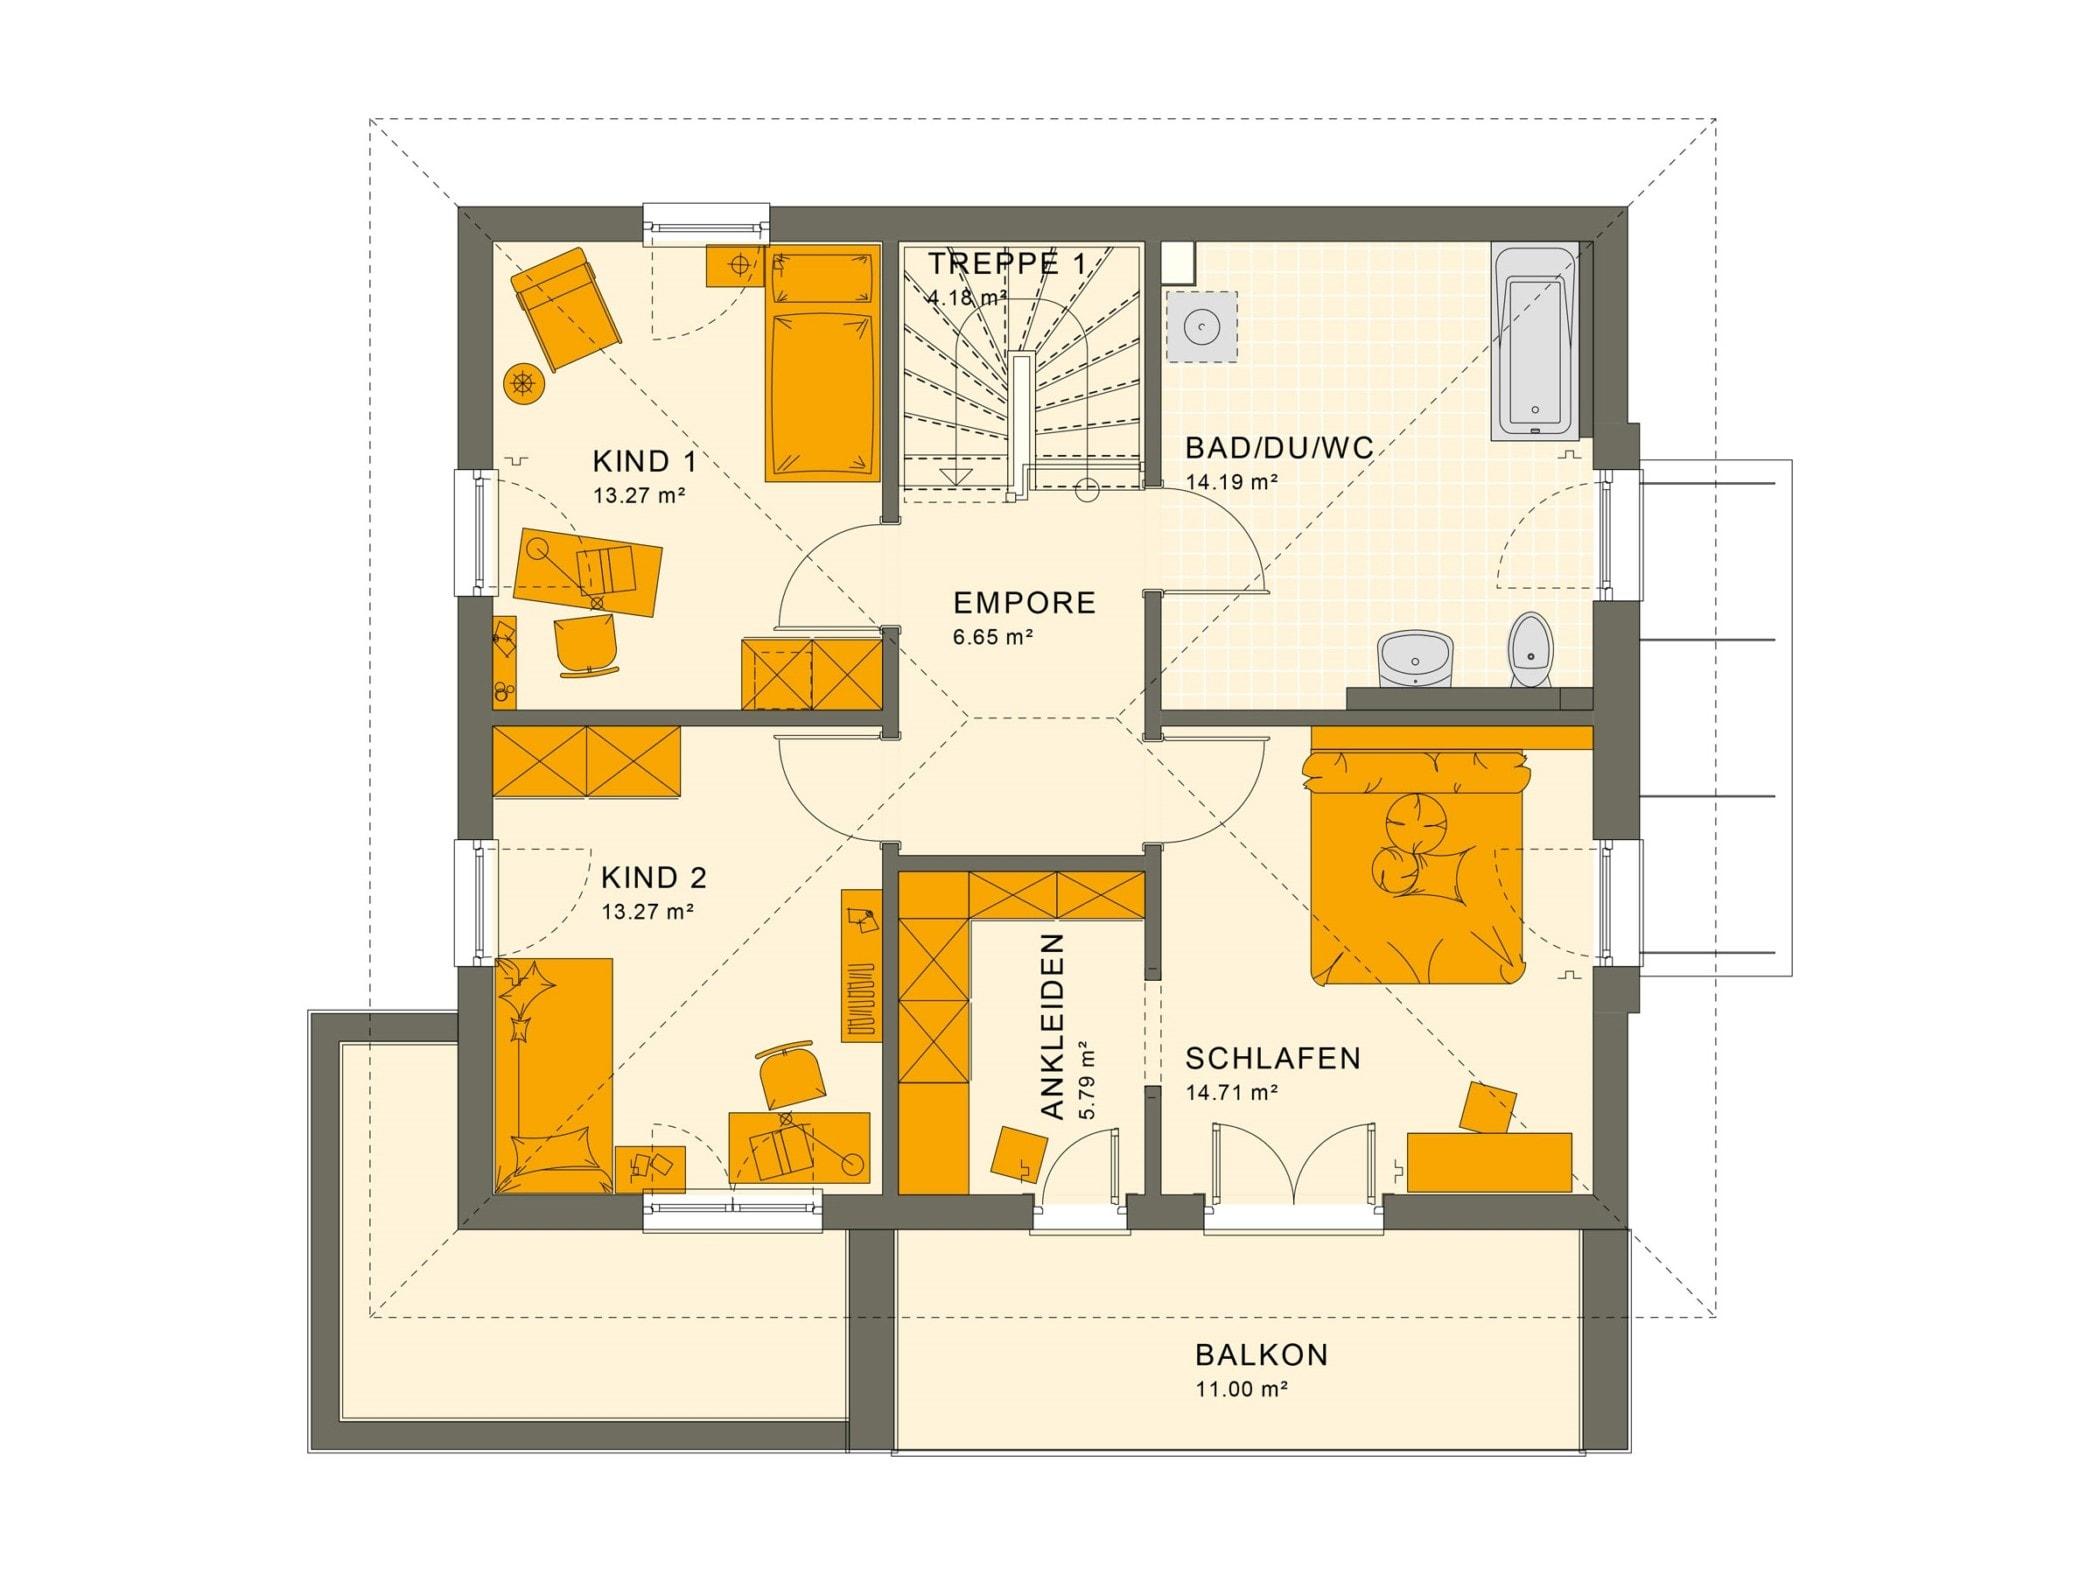 Grundriss Stadtvilla Obergeschoss mit Walmdach & Balkon, 5 Zimmer, 145 qm - Fertighaus bauen Ideen Living Haus SUNSHINE 143 V6 - HausbauDirekt.de